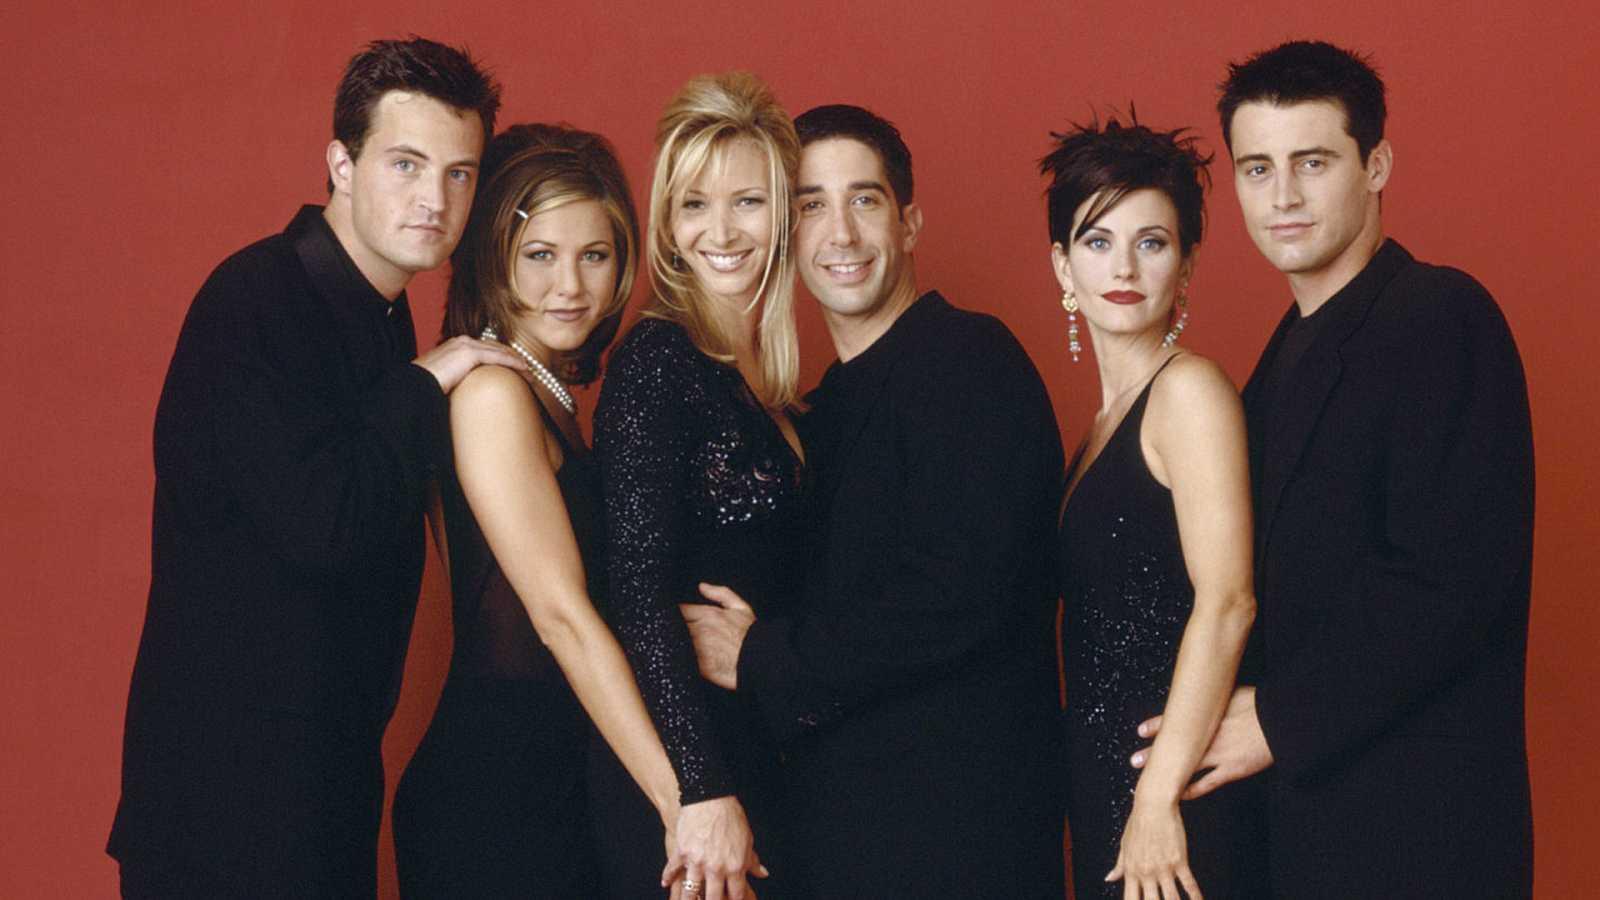 Repasamos cómo han cambiado los protagonistas de 'Friends', antes y después